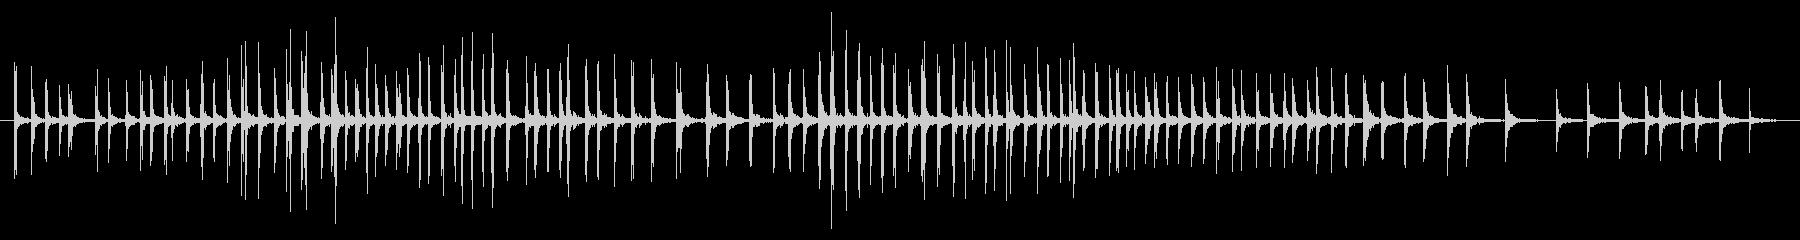 テープガン:長く誇張されたストレッチプルの未再生の波形